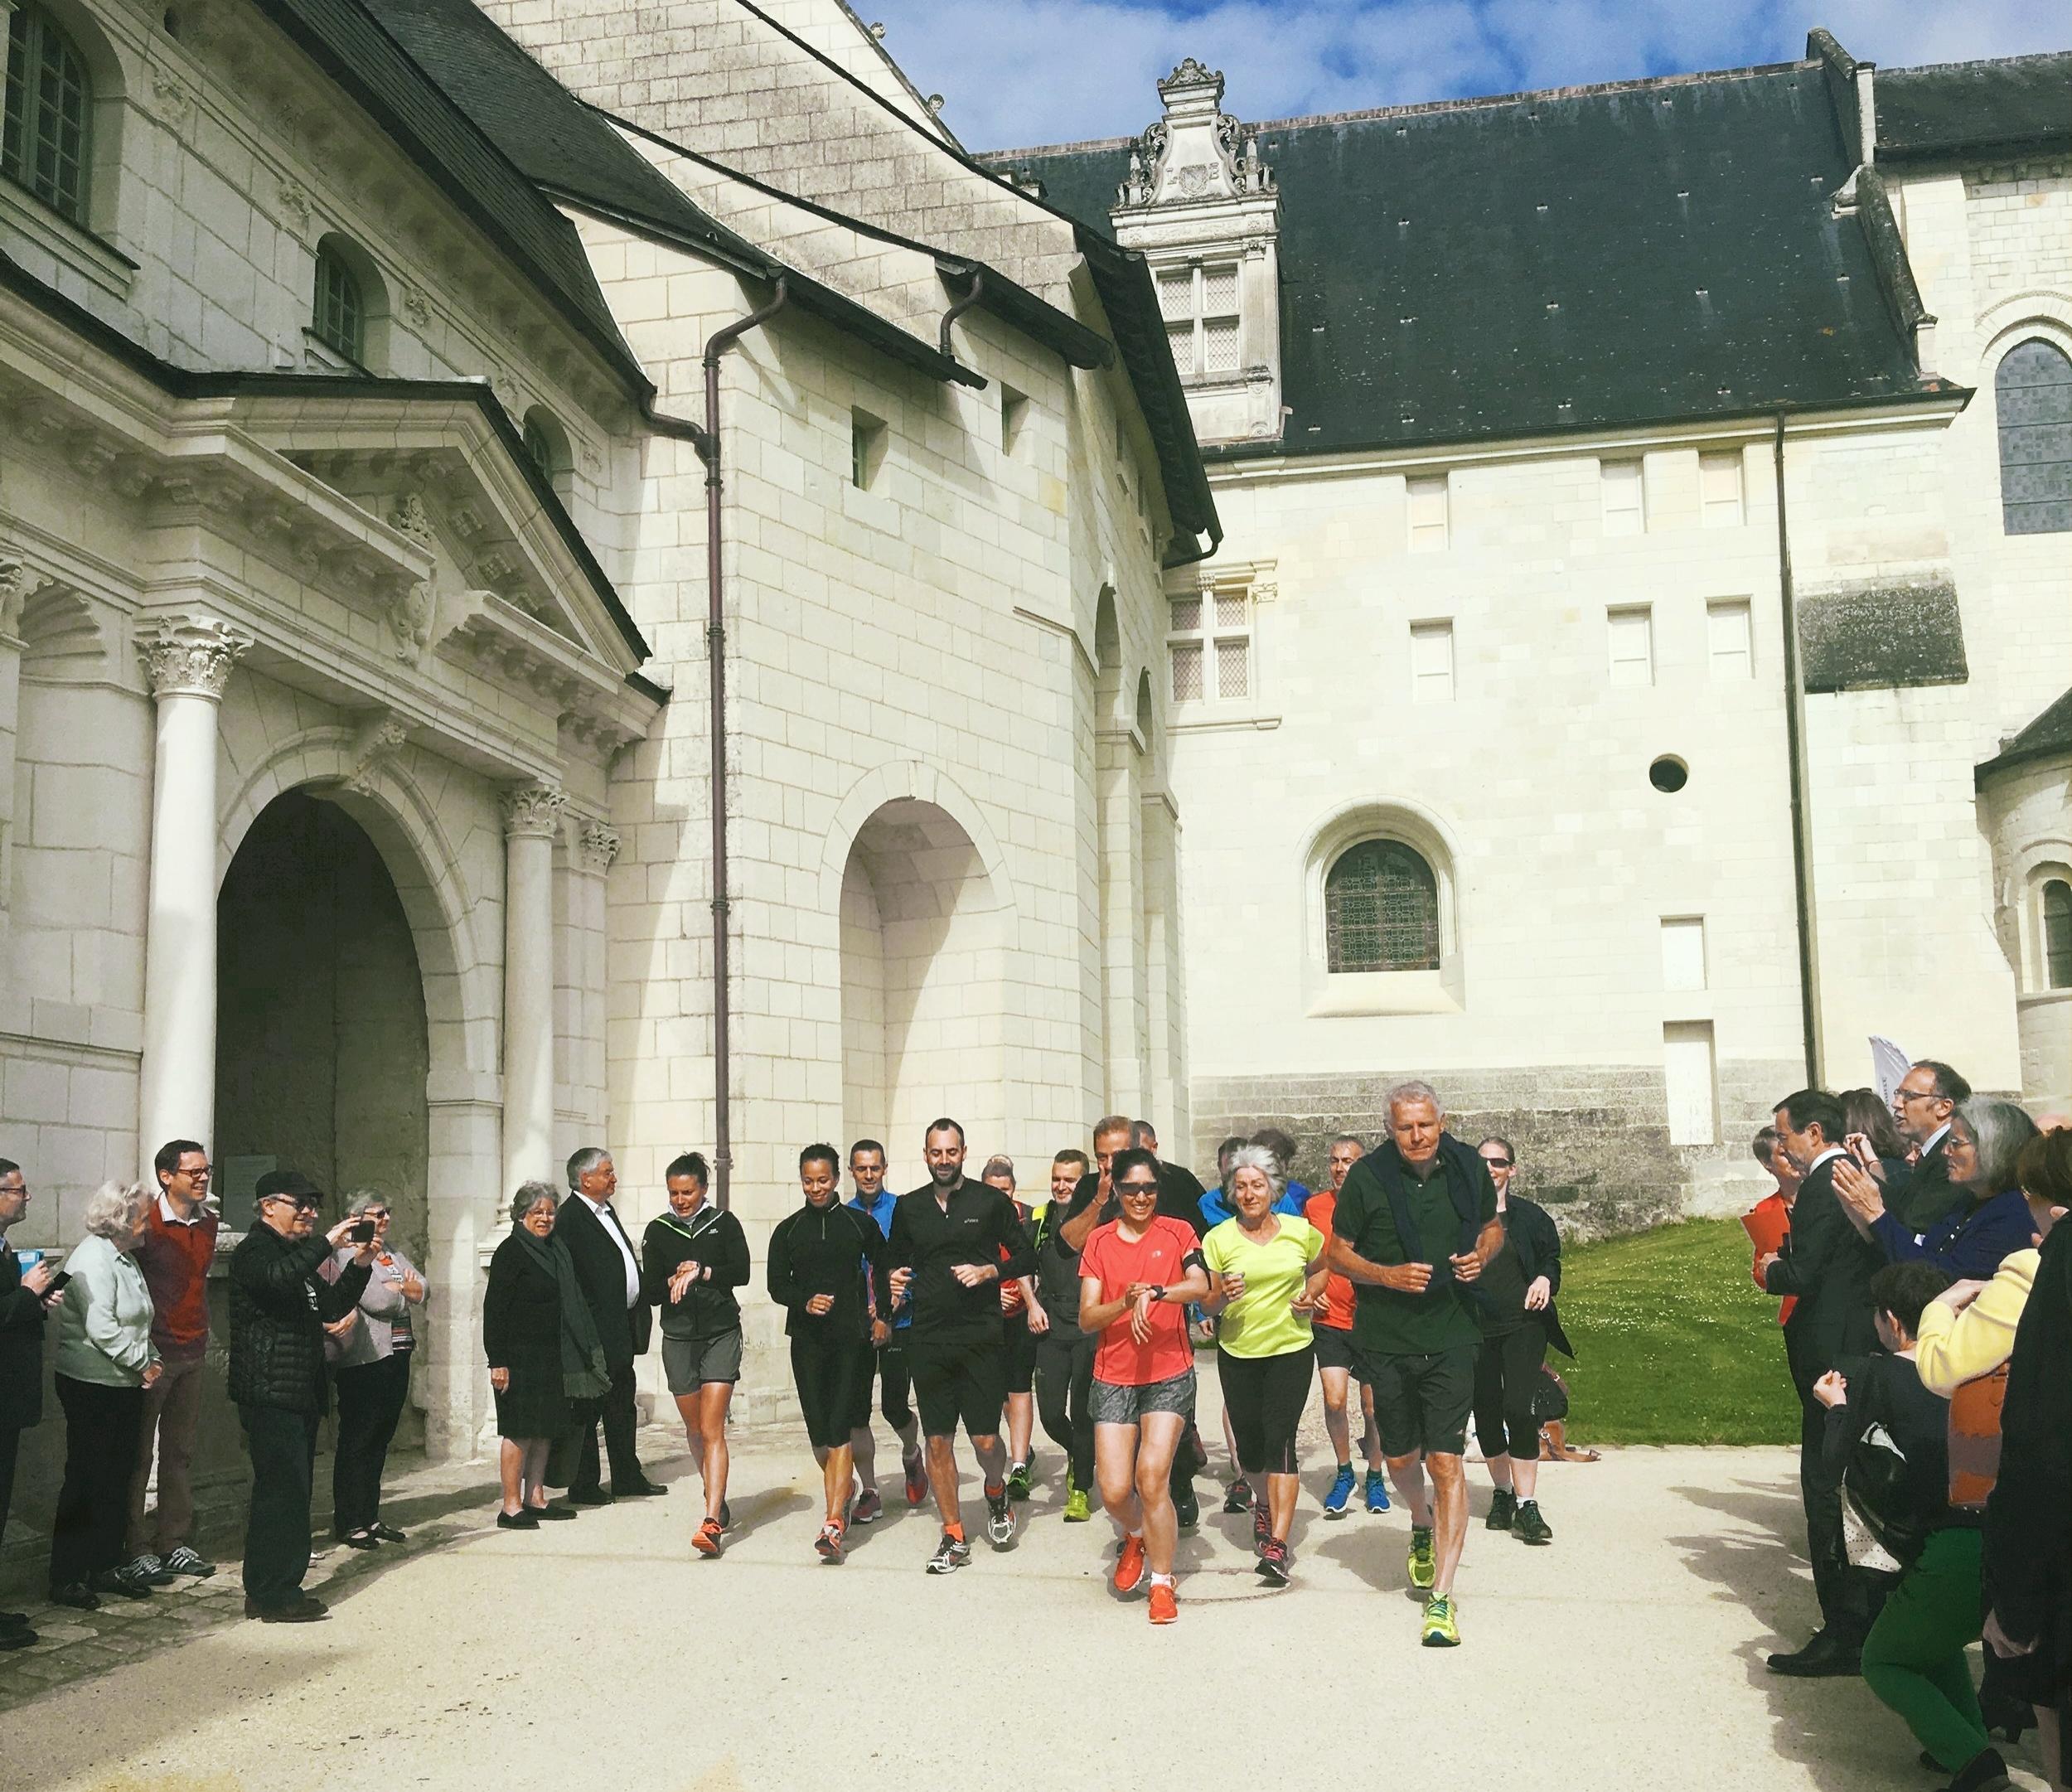 Départ de l'Abbaye de Fontevraud le 12 mai 2017